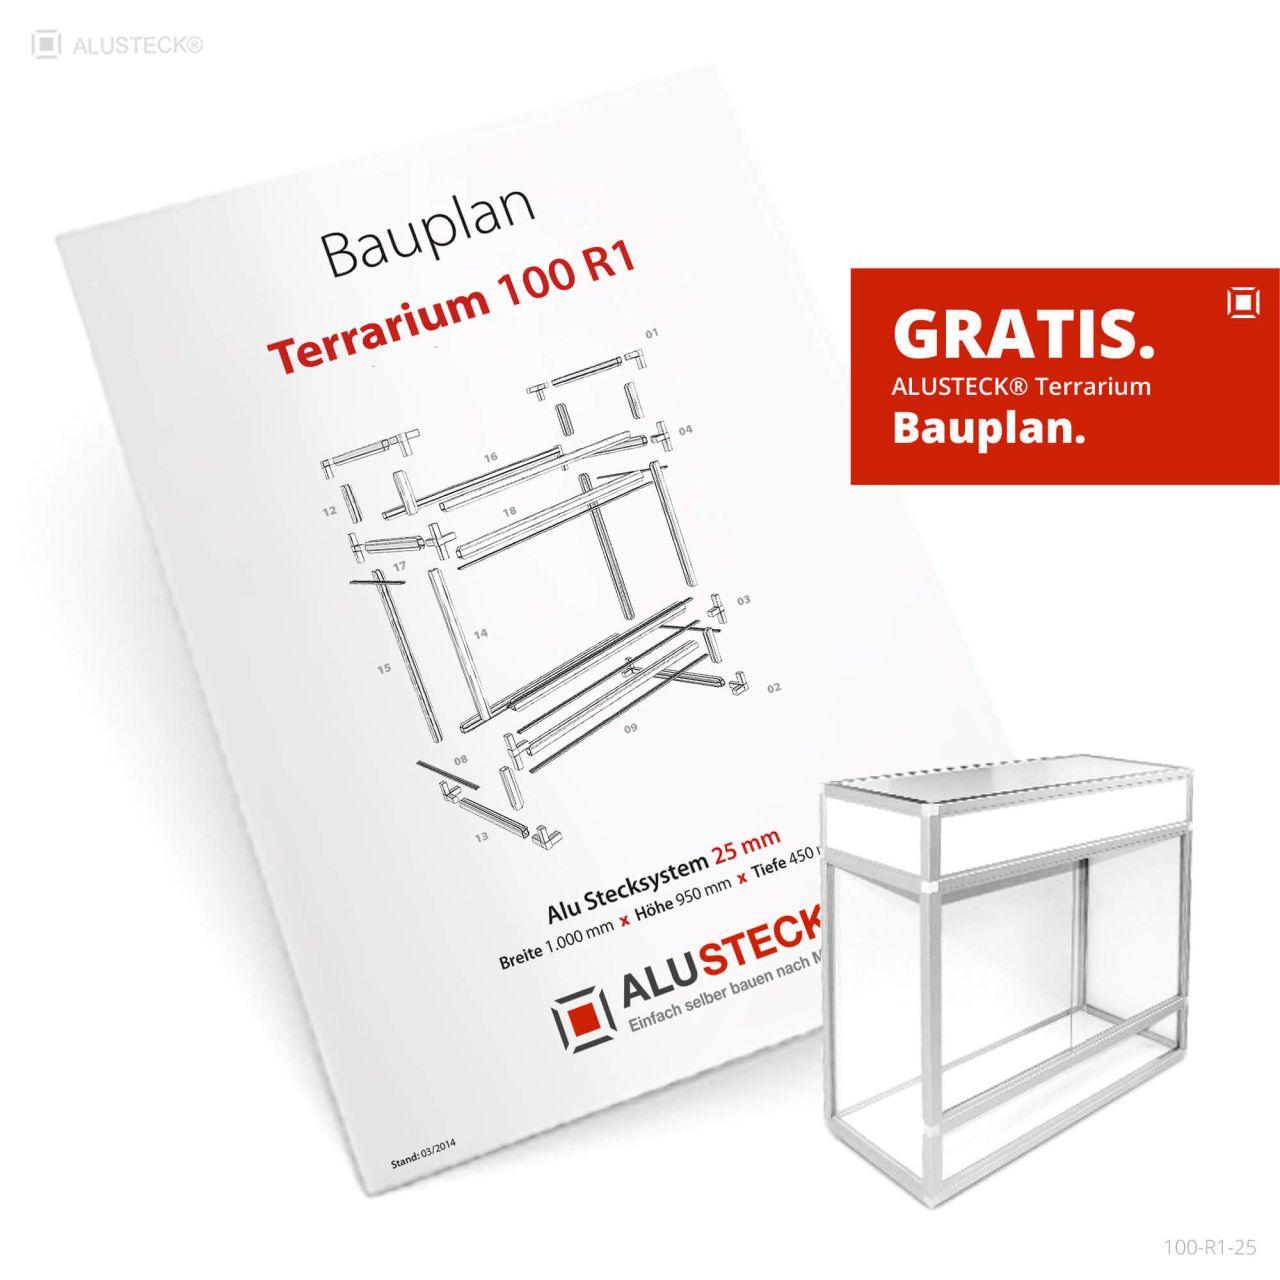 Terrarium Bauplan kostenlos anfordern